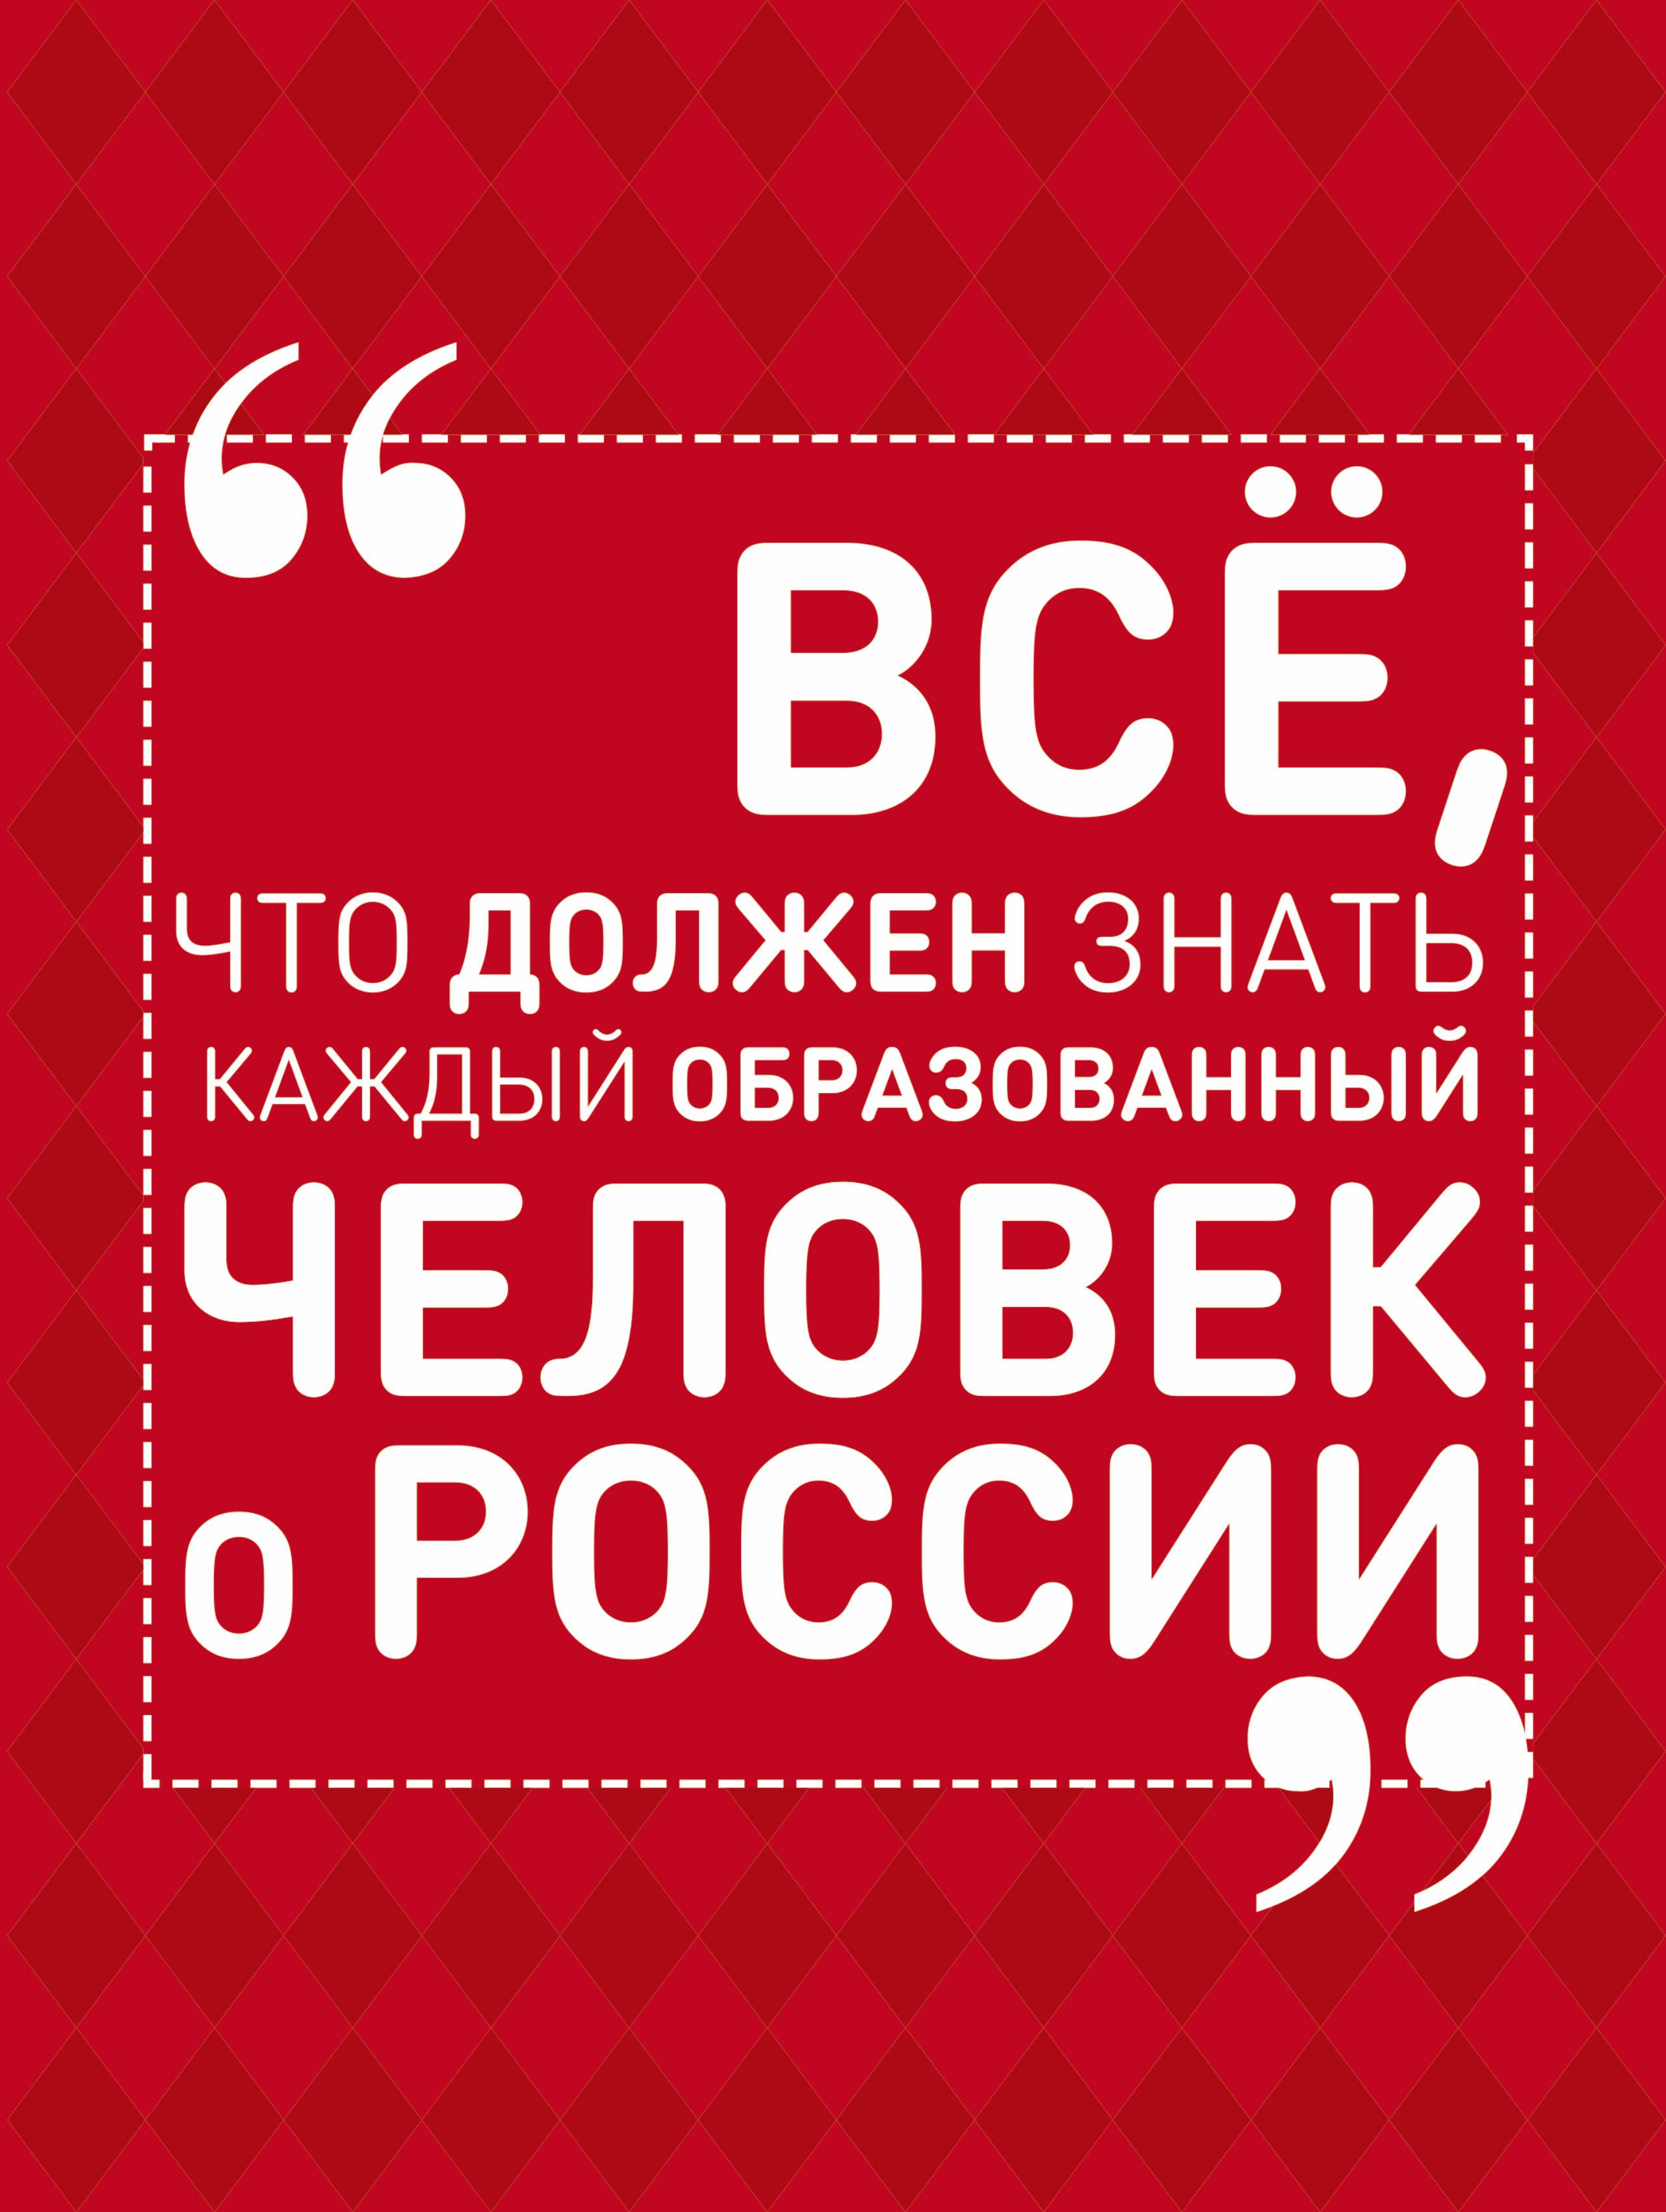 И. В. Блохина Всё, что должен знать каждый образованный человек о России аксессуар для техники по подготовке и обработке продуктов bosch muz 4 mx3 00461509